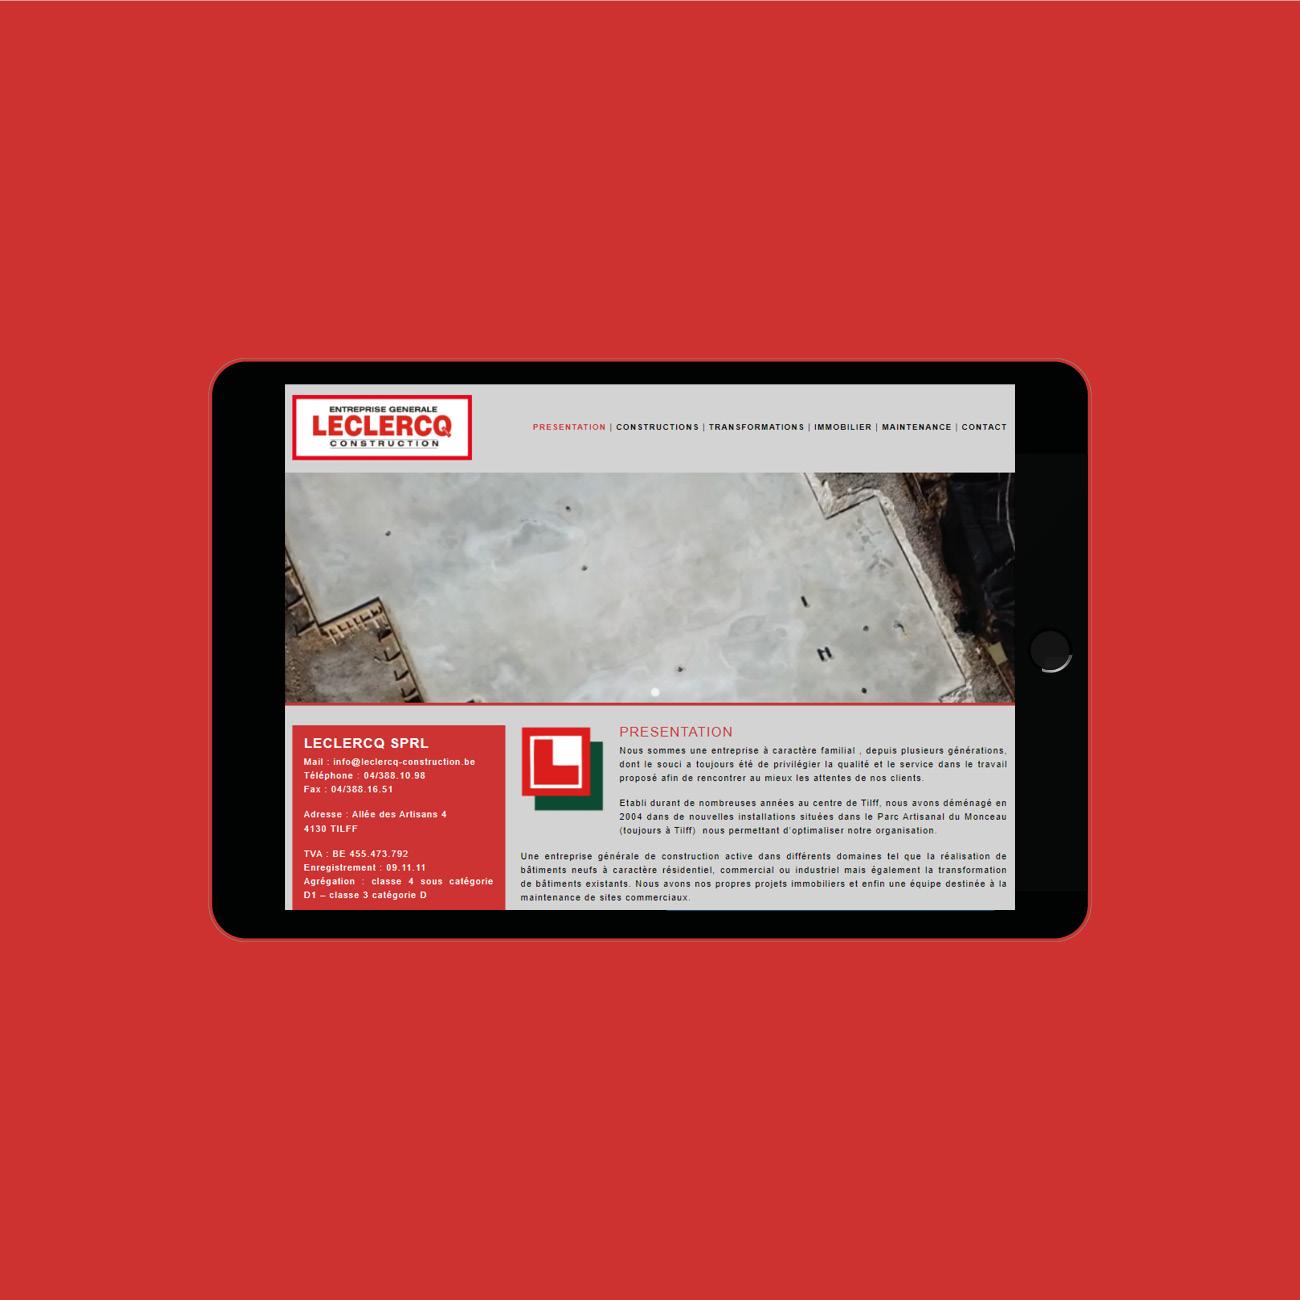 Miko Digital Agence web à Liège -Site internet pour Leclercq Construction